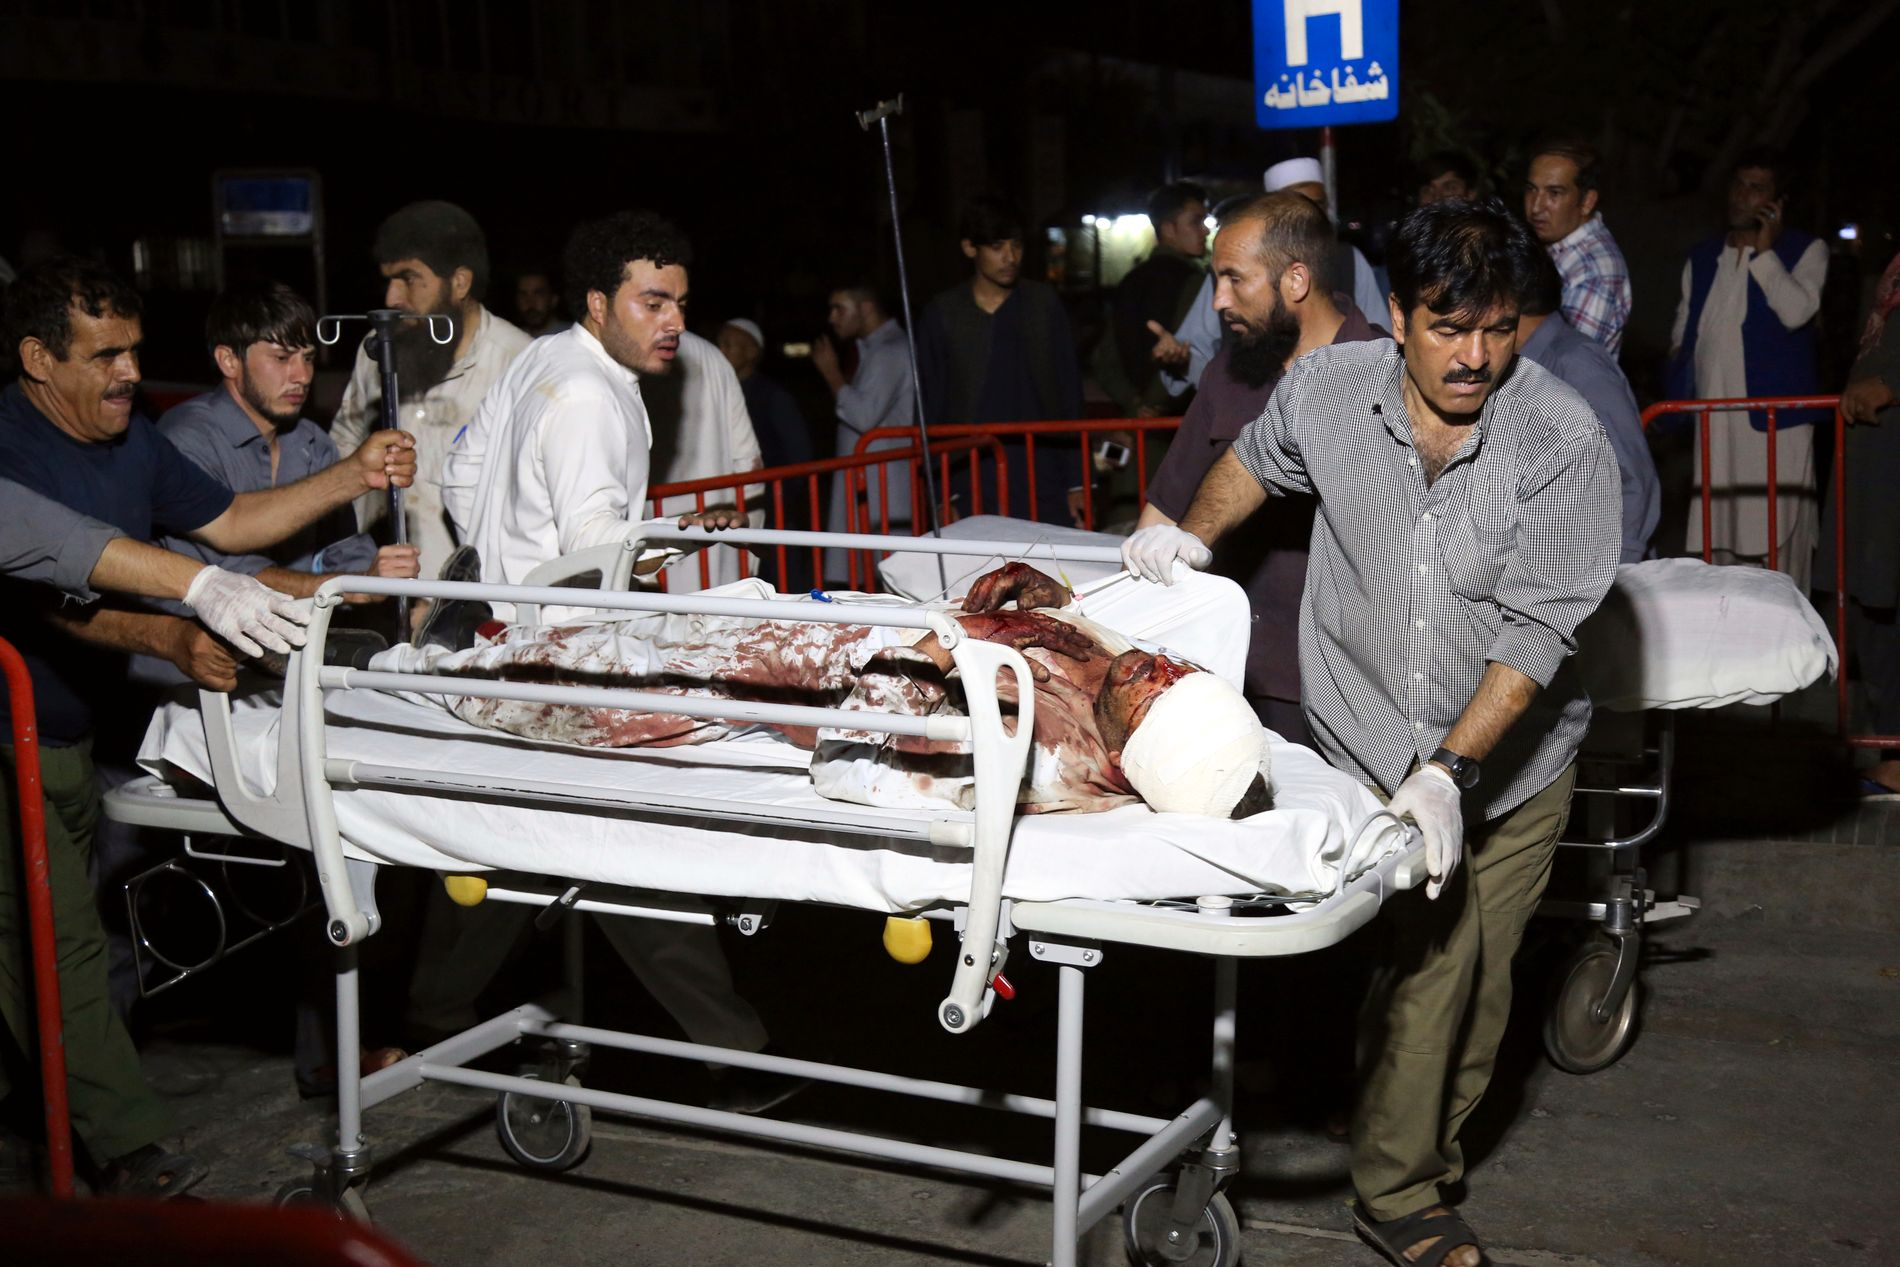 Over 30 mennesker er ifølge ubekreftede meldinger drept og 100 er såret i et Taliban-angrep ved et bygningskompleks der det bor mange utlendinger øst i Kabul. Foto: AP / NTB scanpix